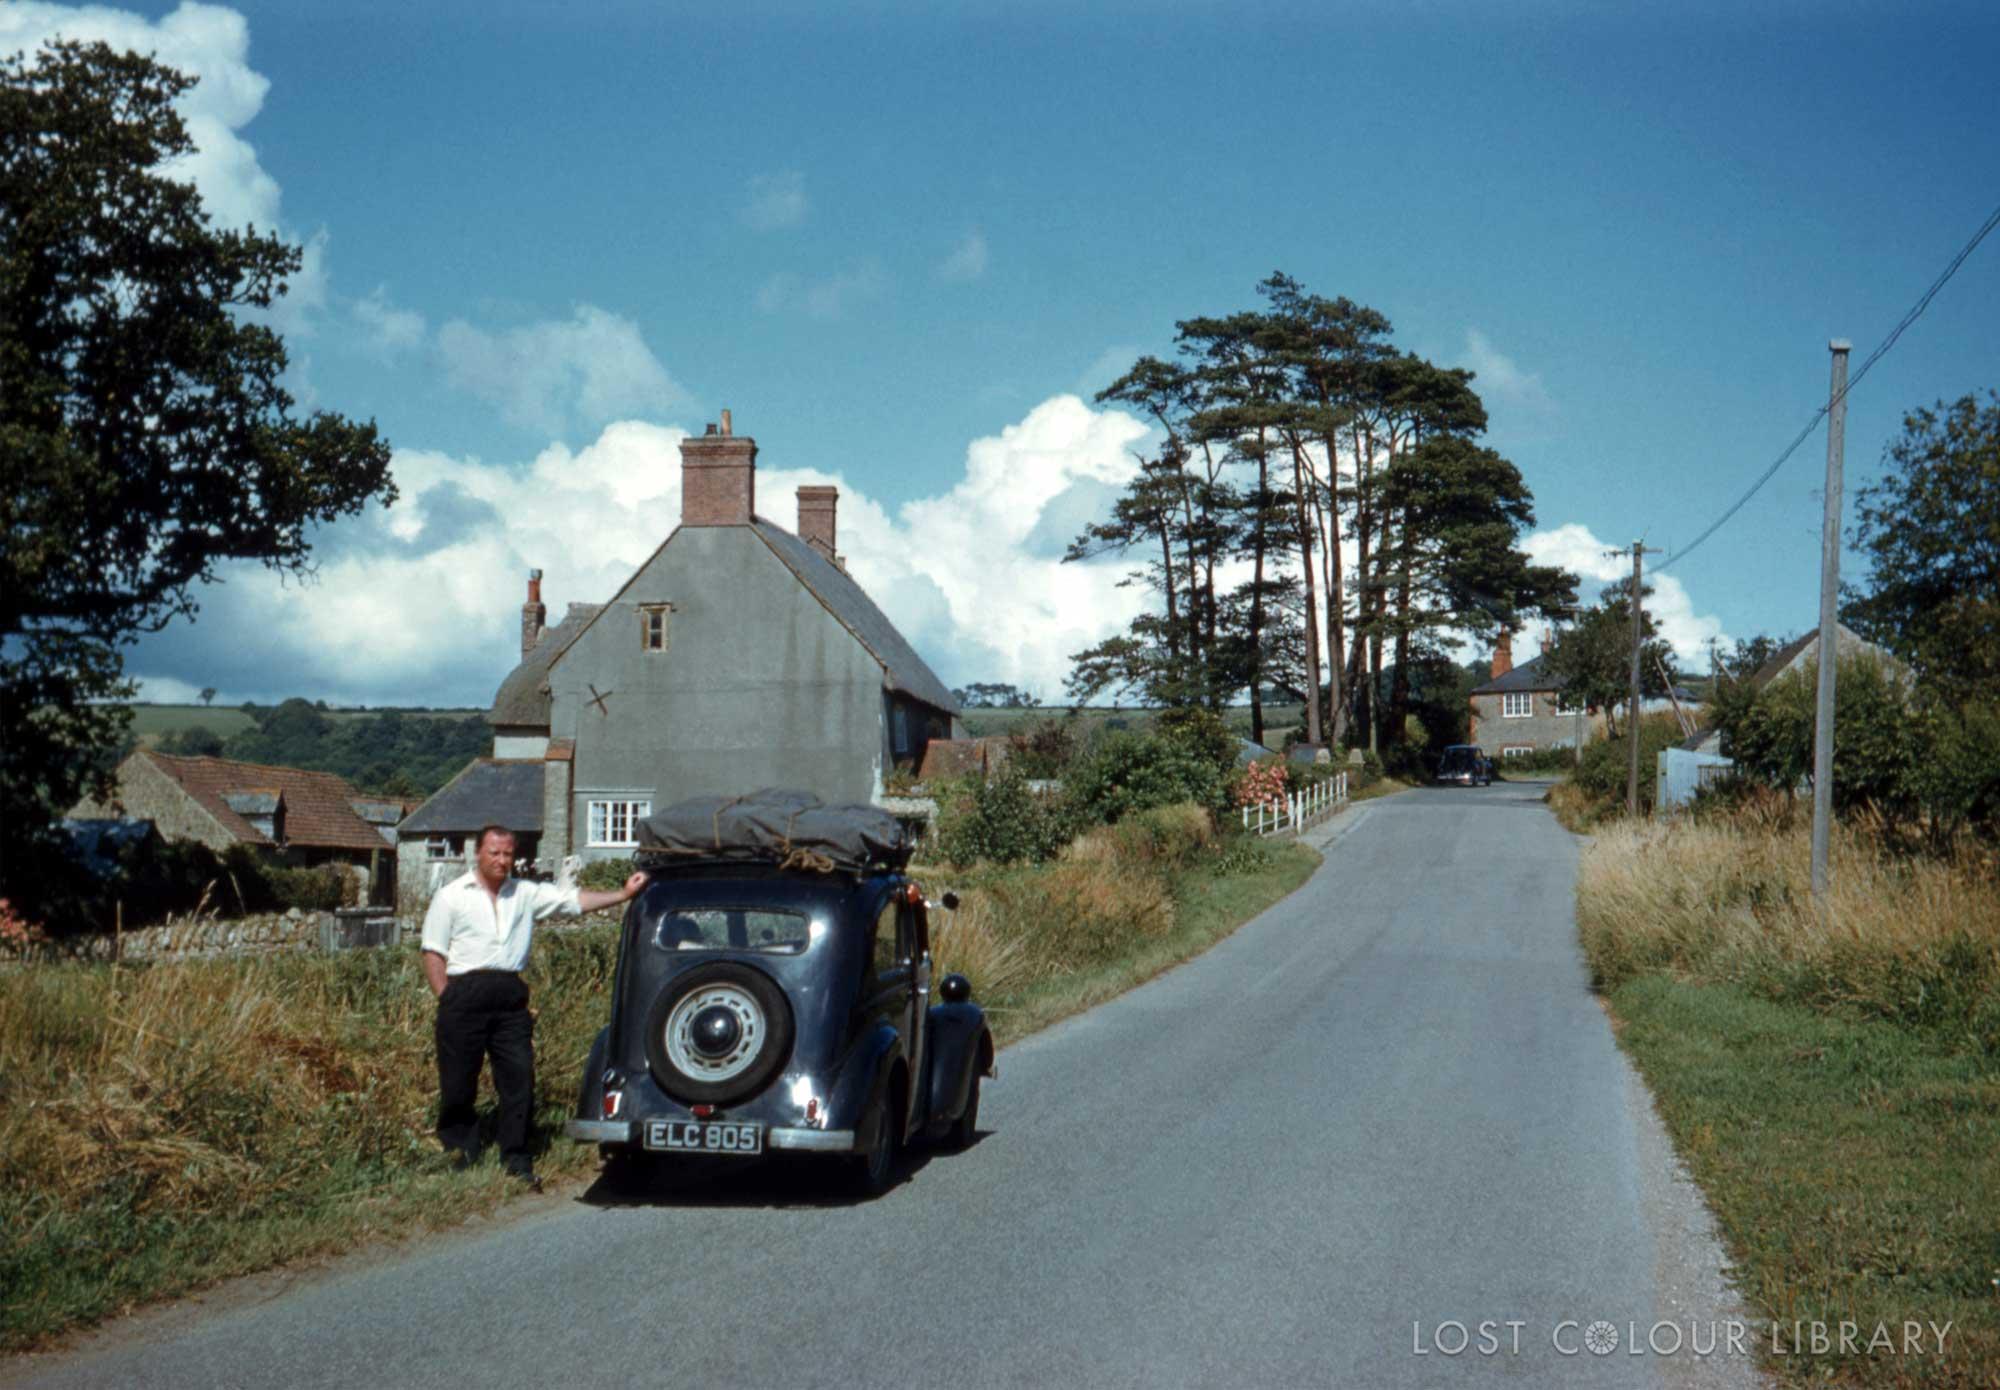 lcl-ww-wayside-1950s-site-wm.jpg